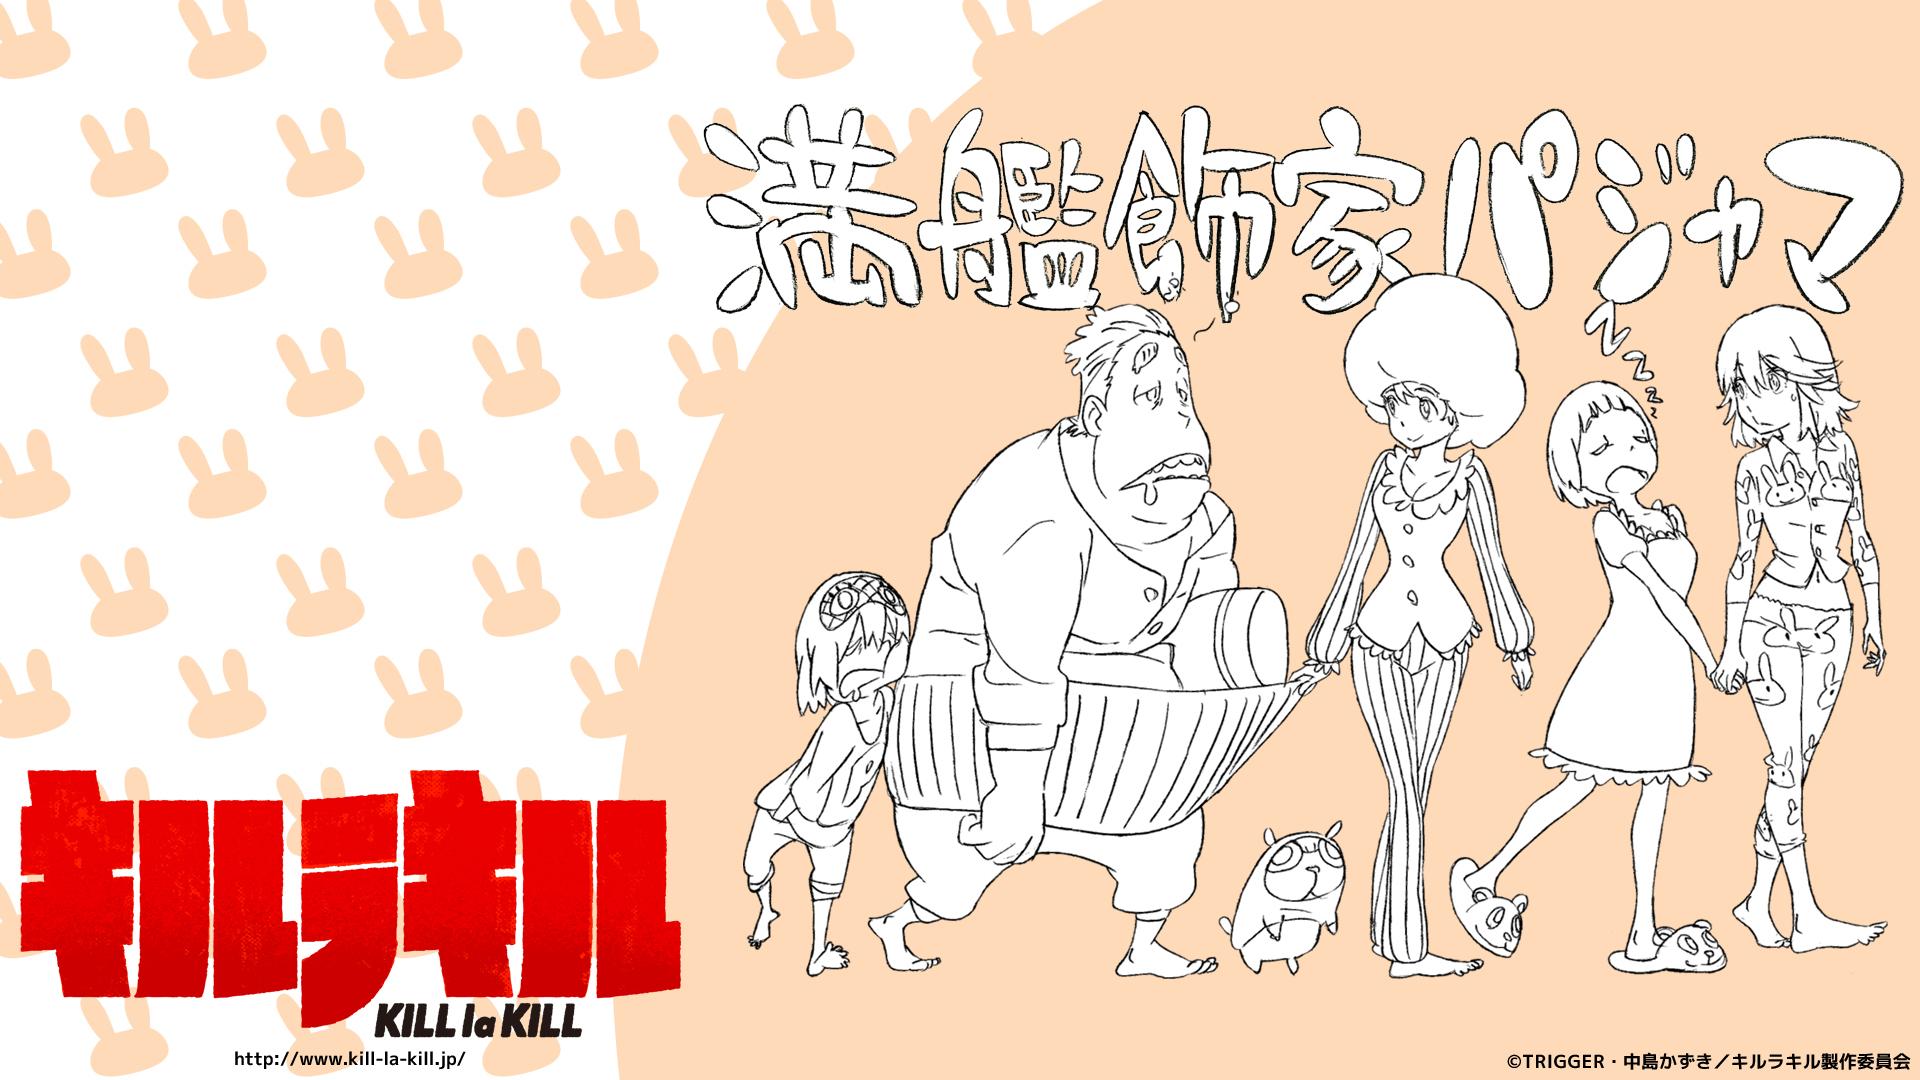 http://www.kill-la-kill.jp/special/img/04/04/kill-la-kill_wp4_pc_1920x1080.jpg